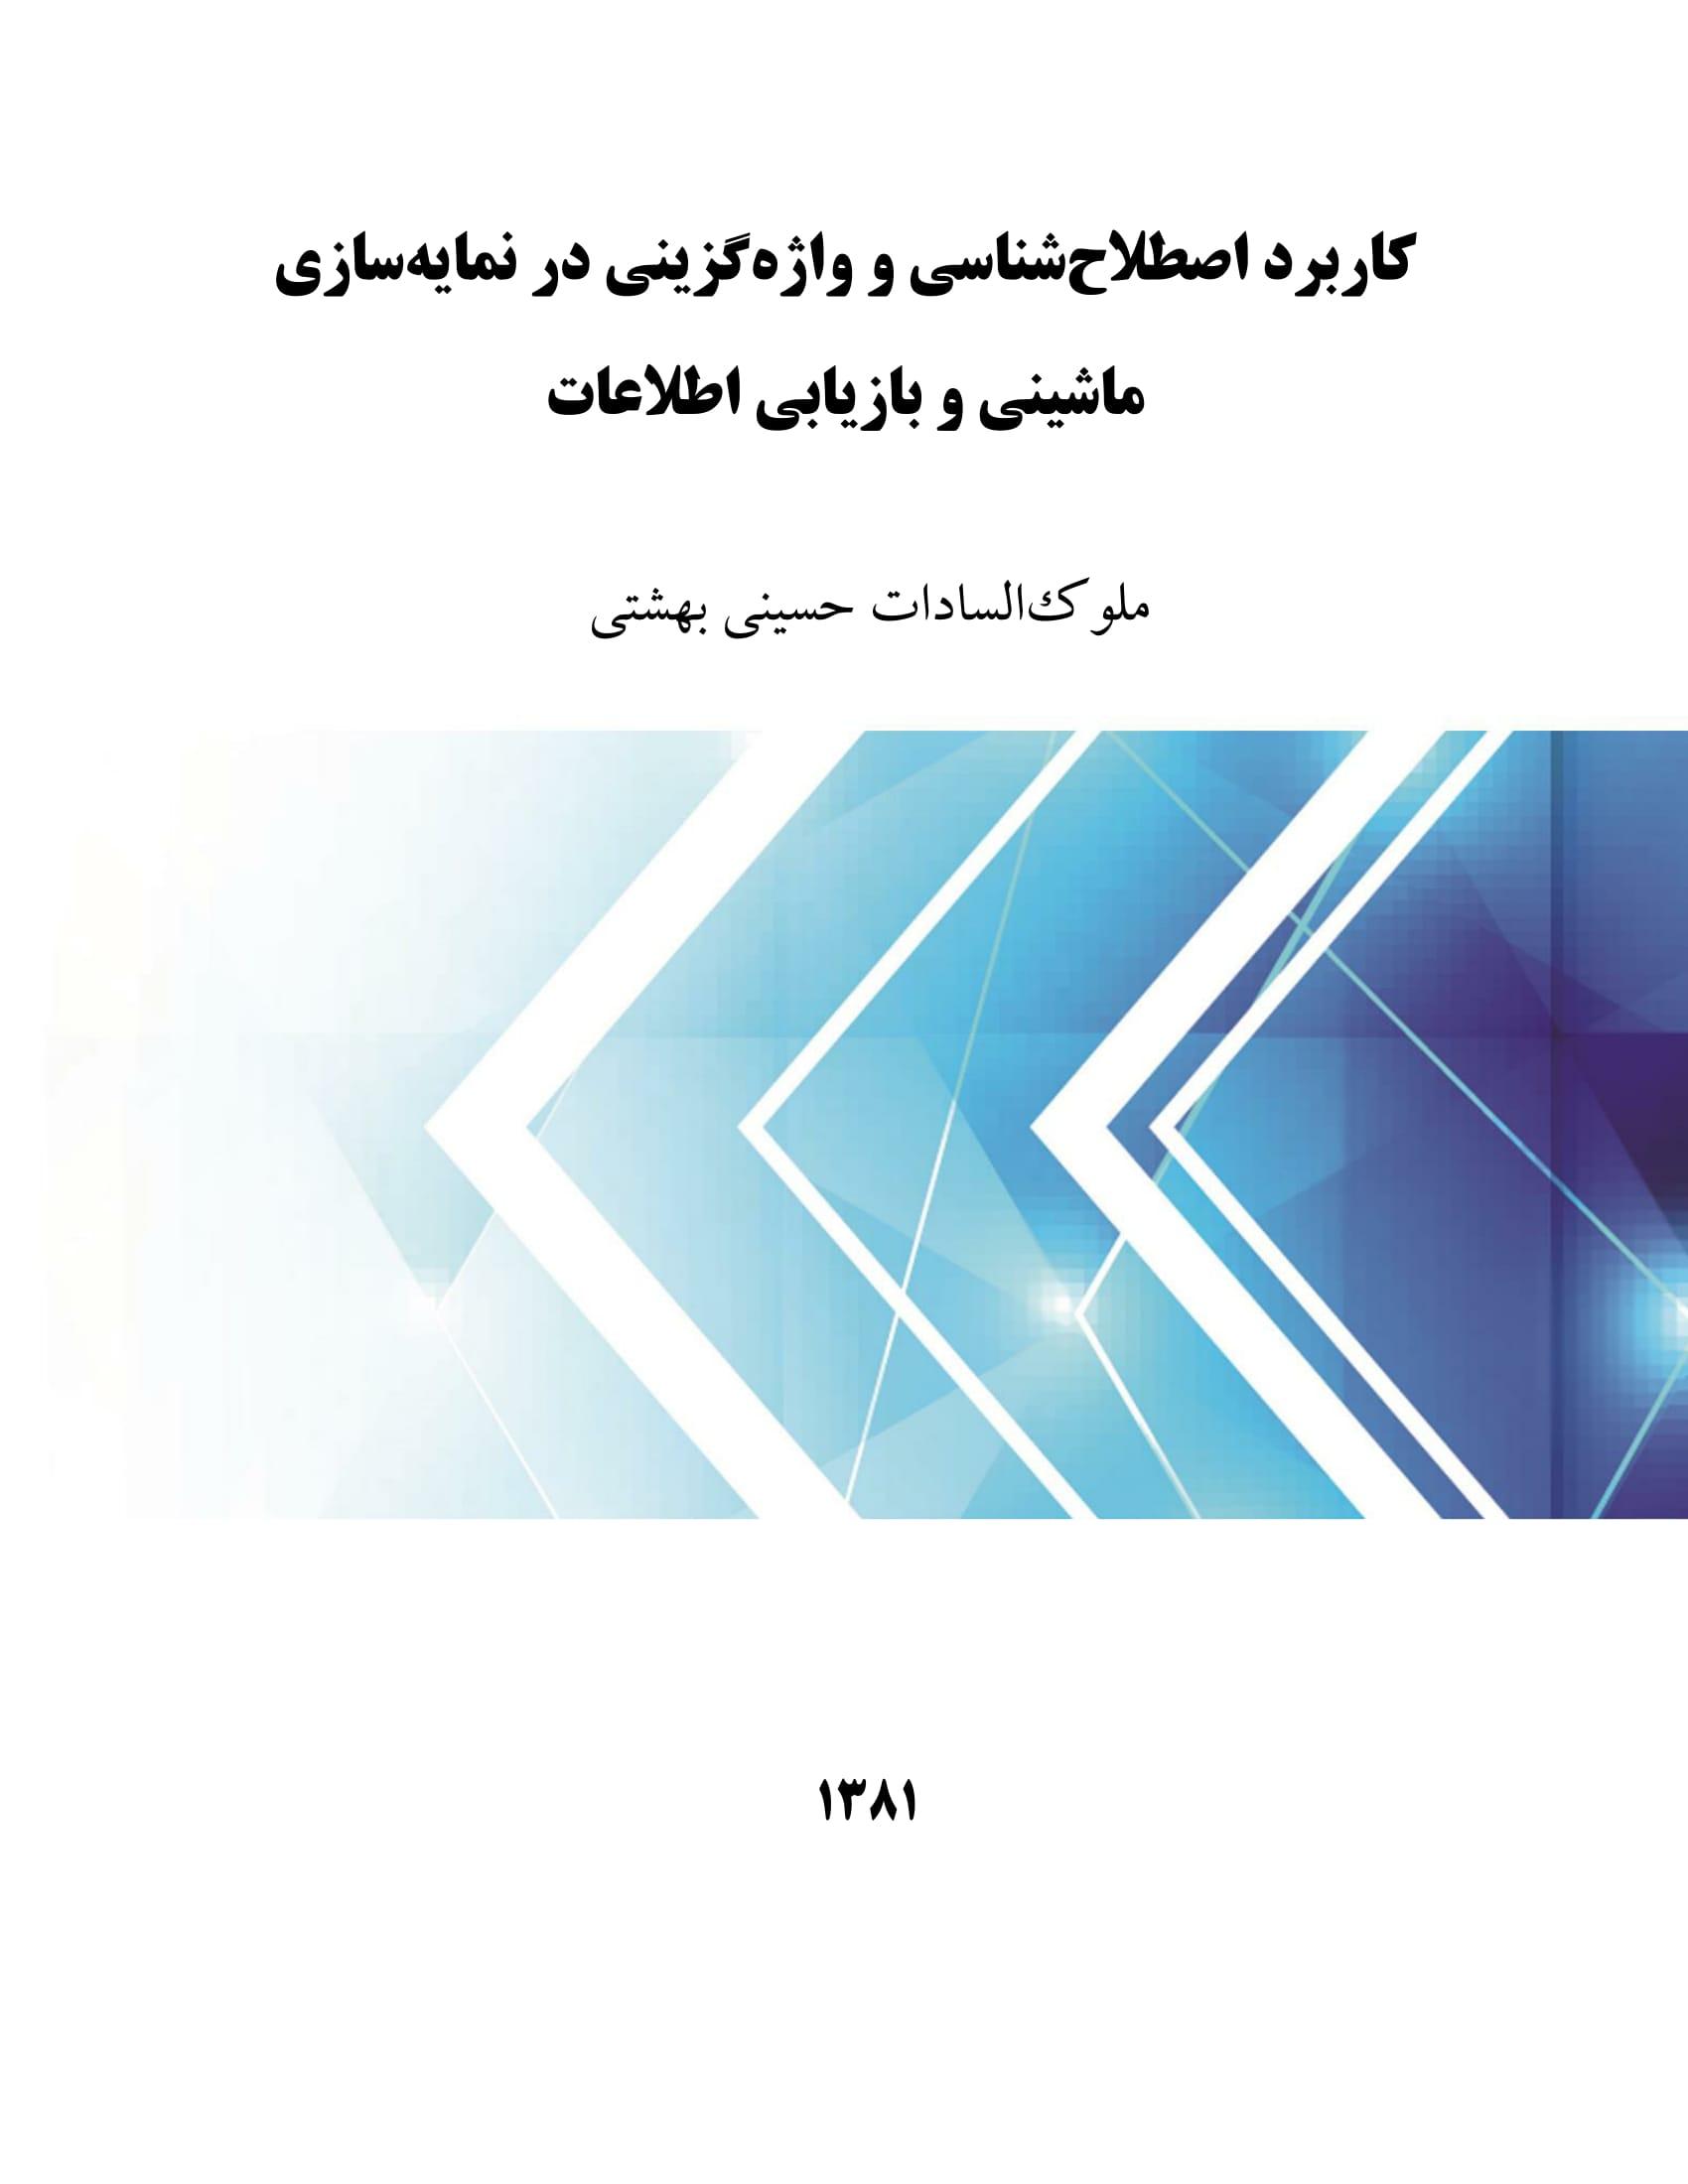 کاربرد اصطلاحشناسی و واژهگزینی در نمایهسازی ماشینی و بازیابی اطلاعات